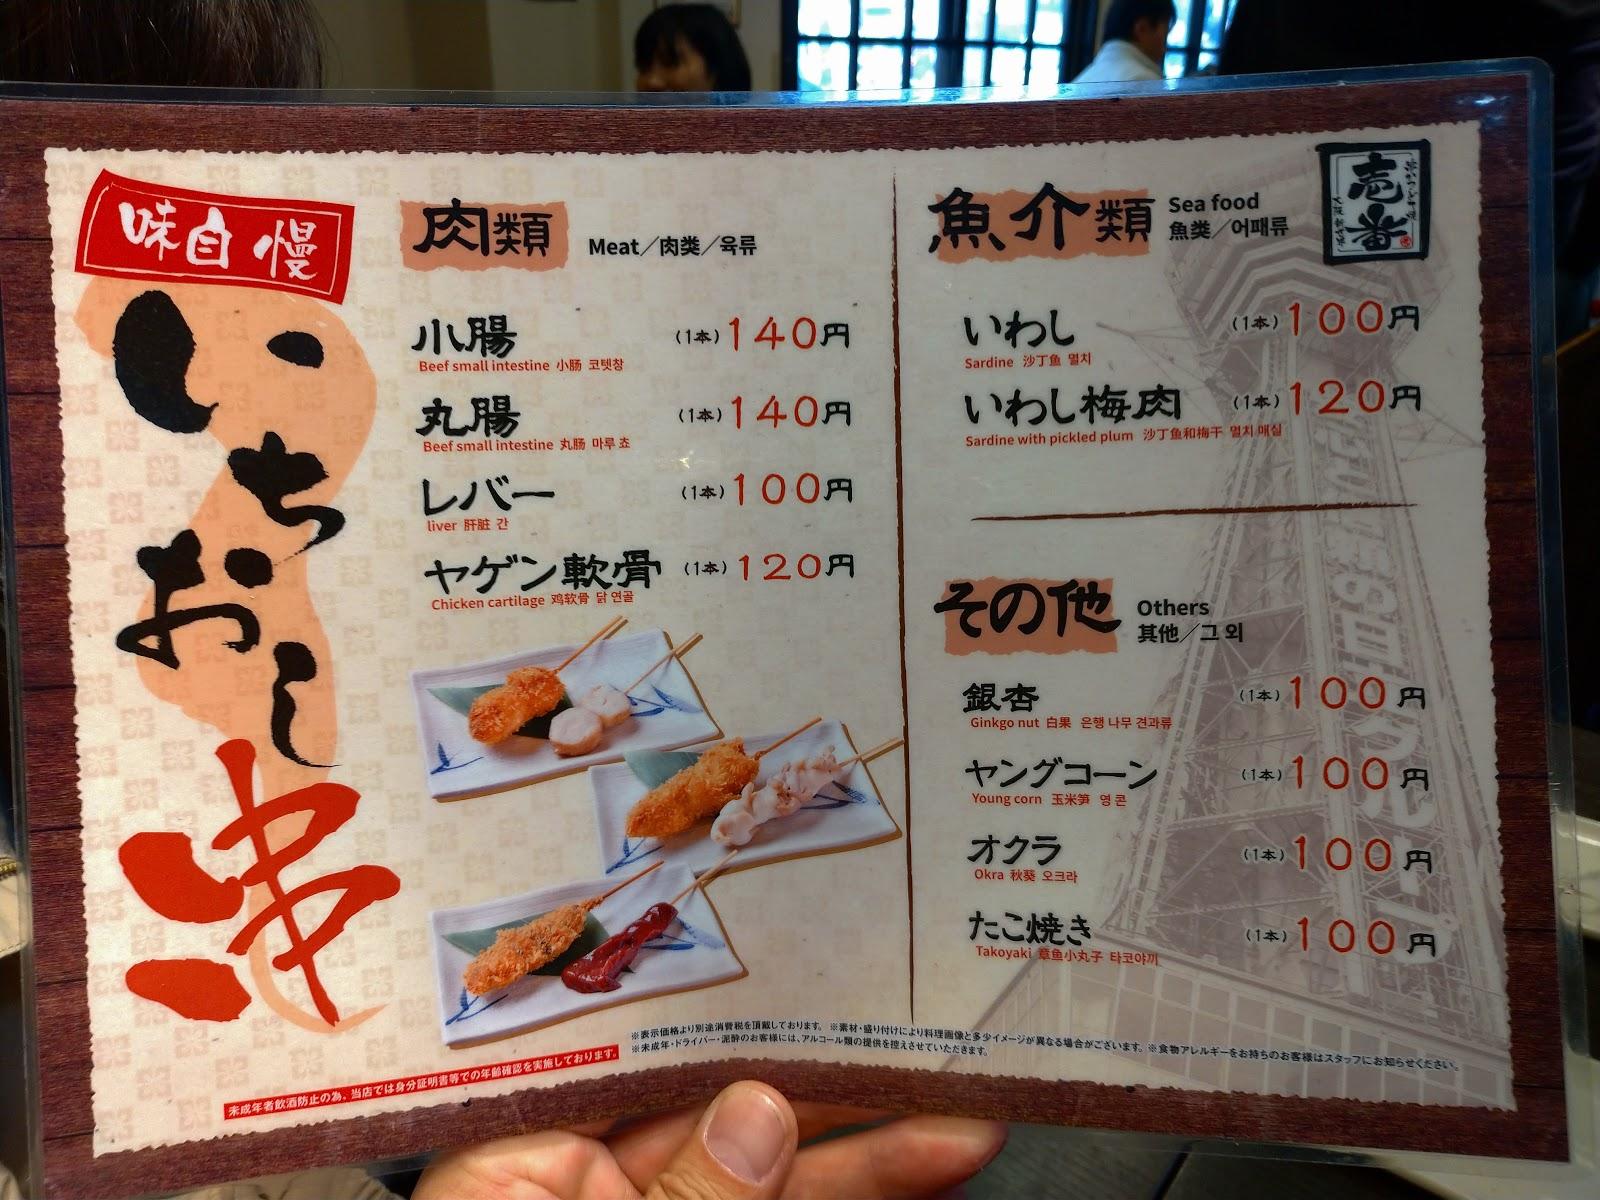 いち押しメニュー串かつ・どて焼き壱番の元祖串かつがおすすめだったのでご紹介します!